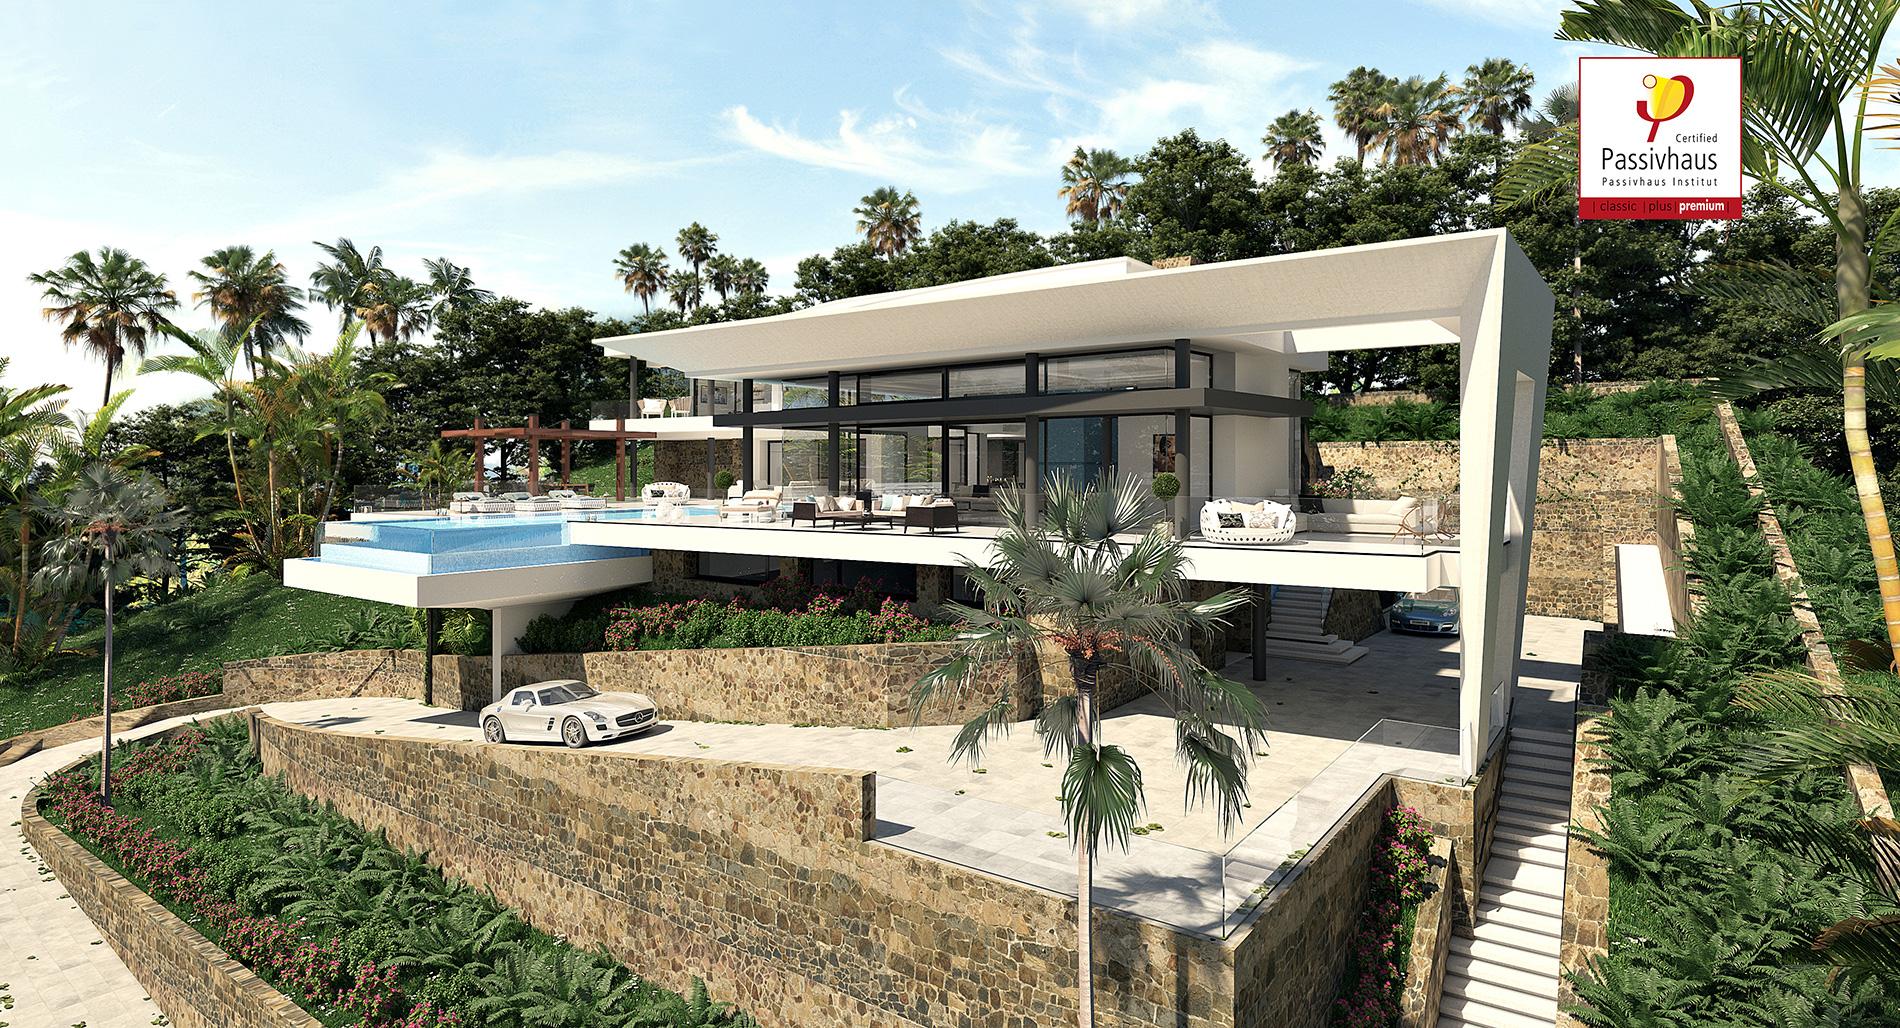 sostenibilidad y eficiencia energetica proyecto passive house